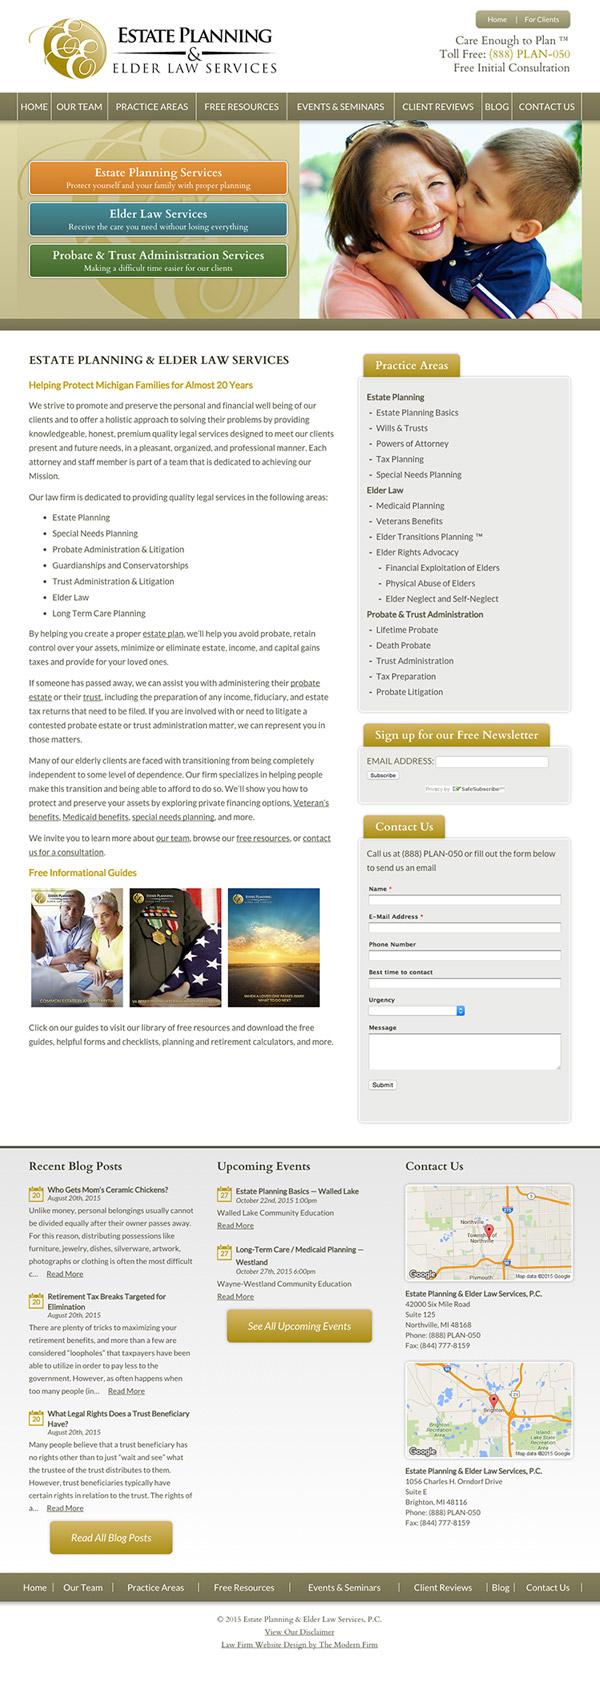 Law Firm Website Design for Estate Planning & Elder Law Services, P.C.